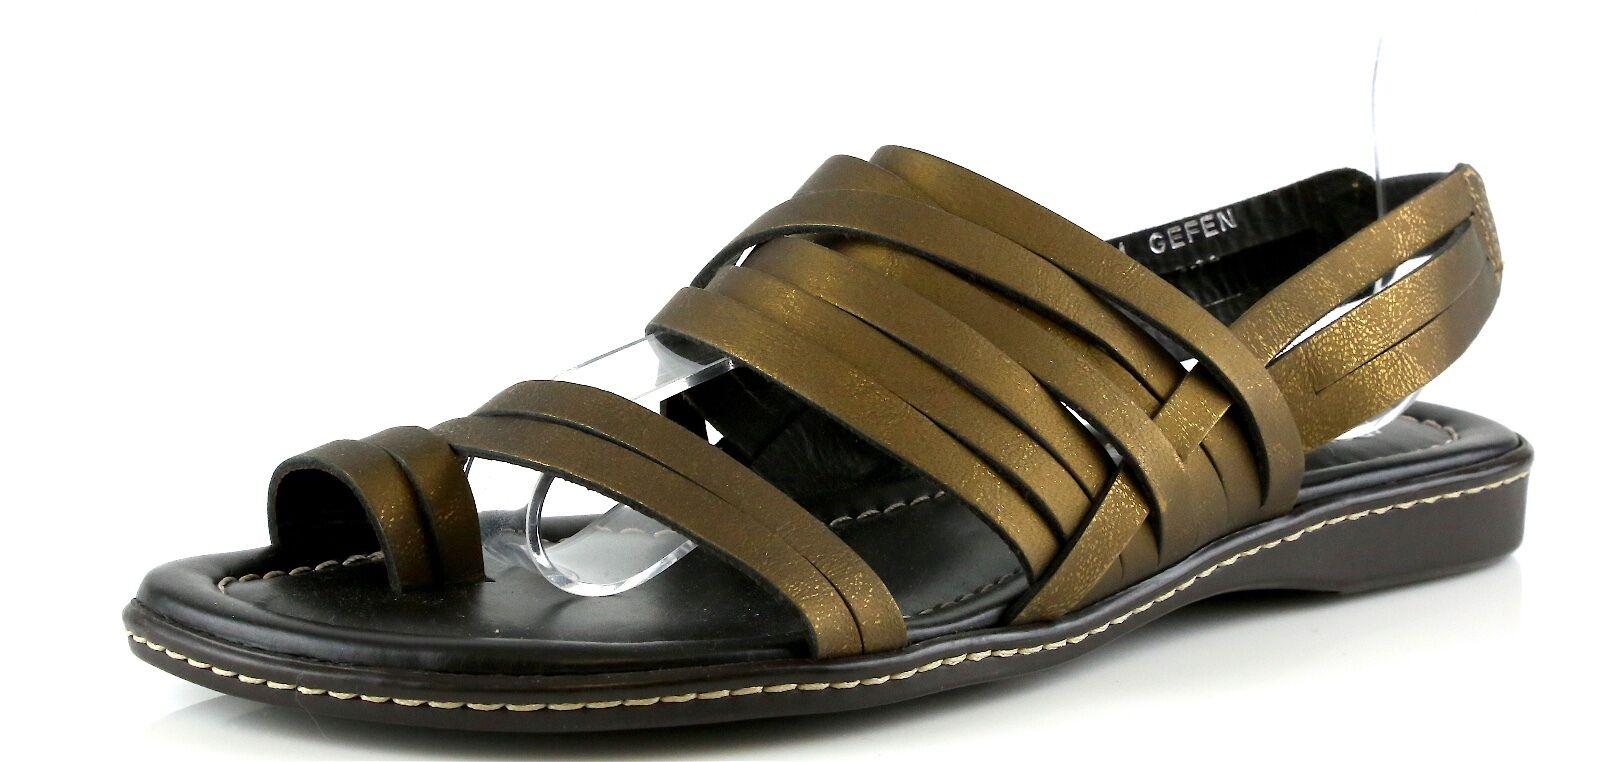 Donald J Pliner GEFEN Bronze Slingback Sandals 8926 Size 6 M NEW